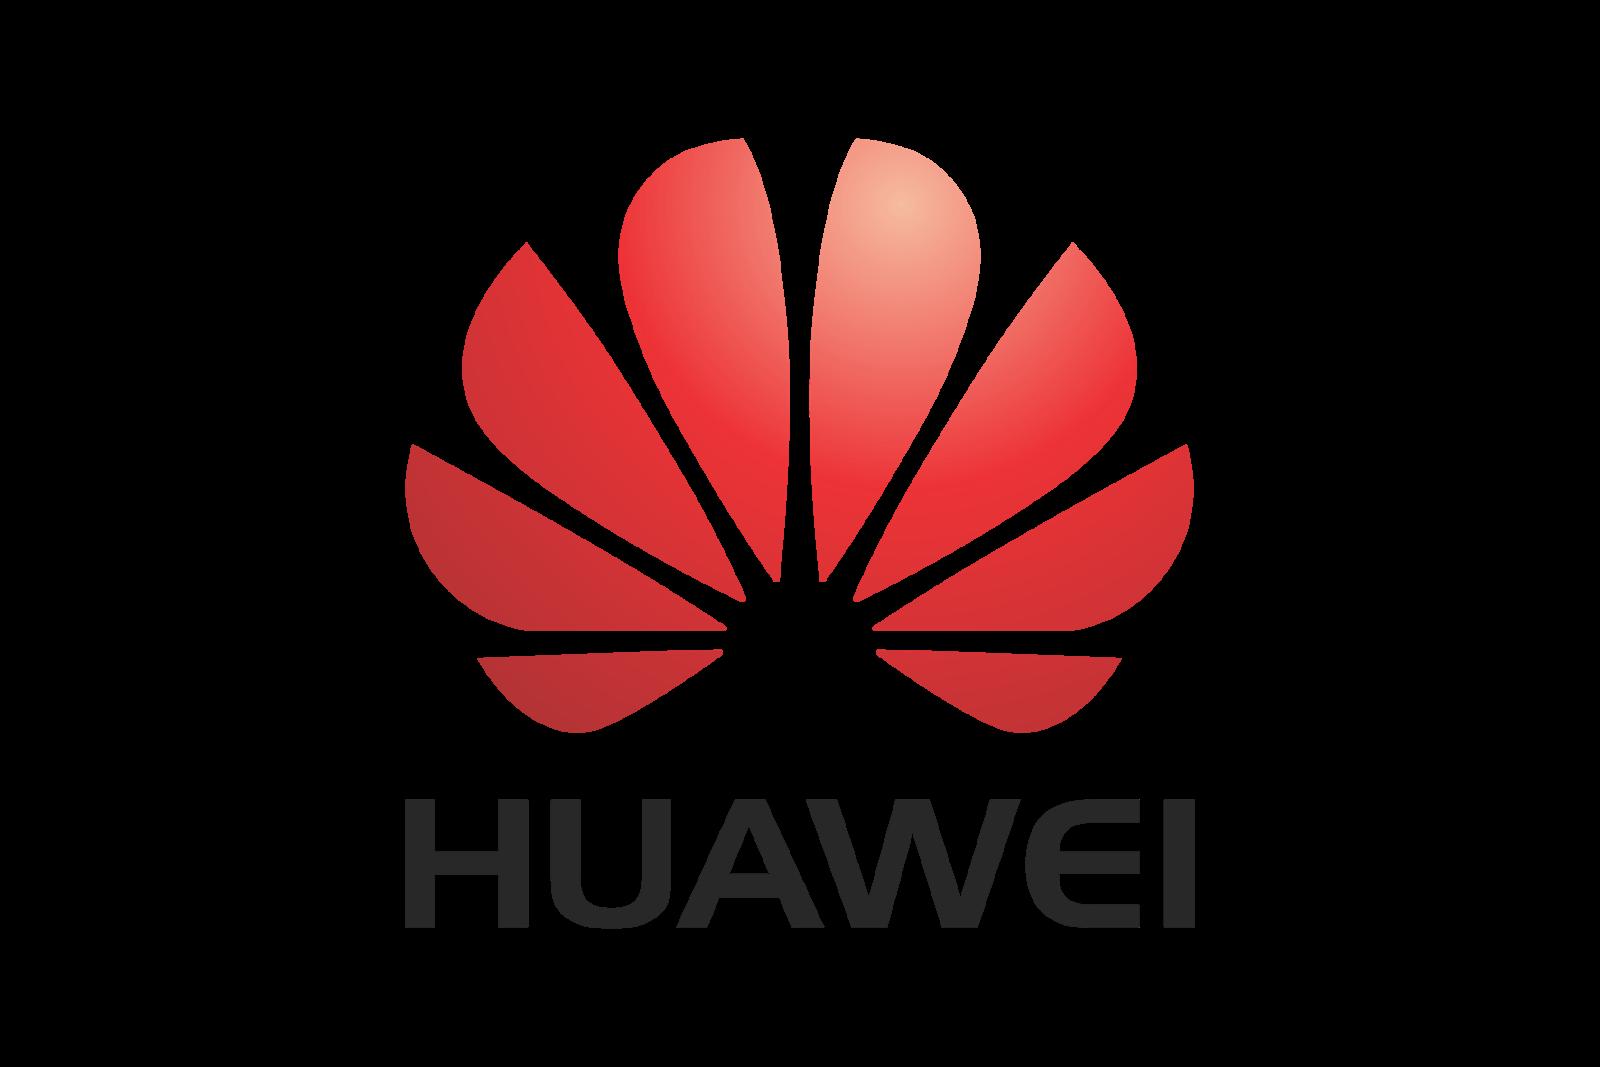 huawei-logo-communication-13